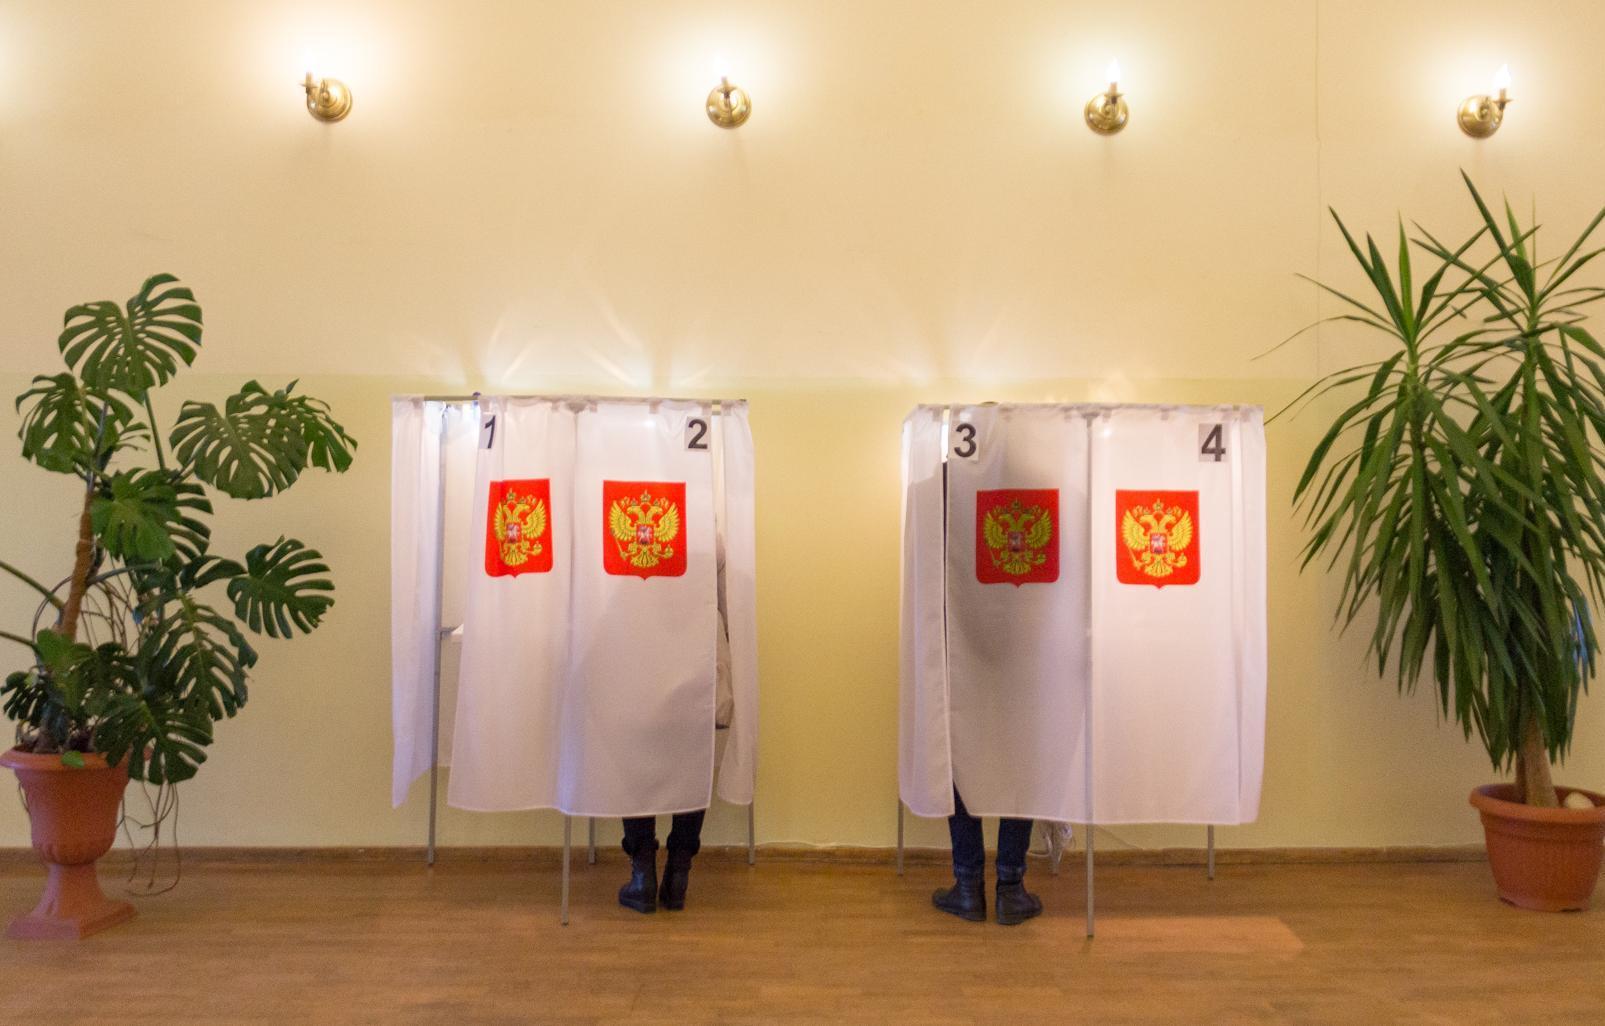 По итогам выборов в Тверской области представители партии «Единая Россия» получат почти 80% мандатов - новости Афанасий